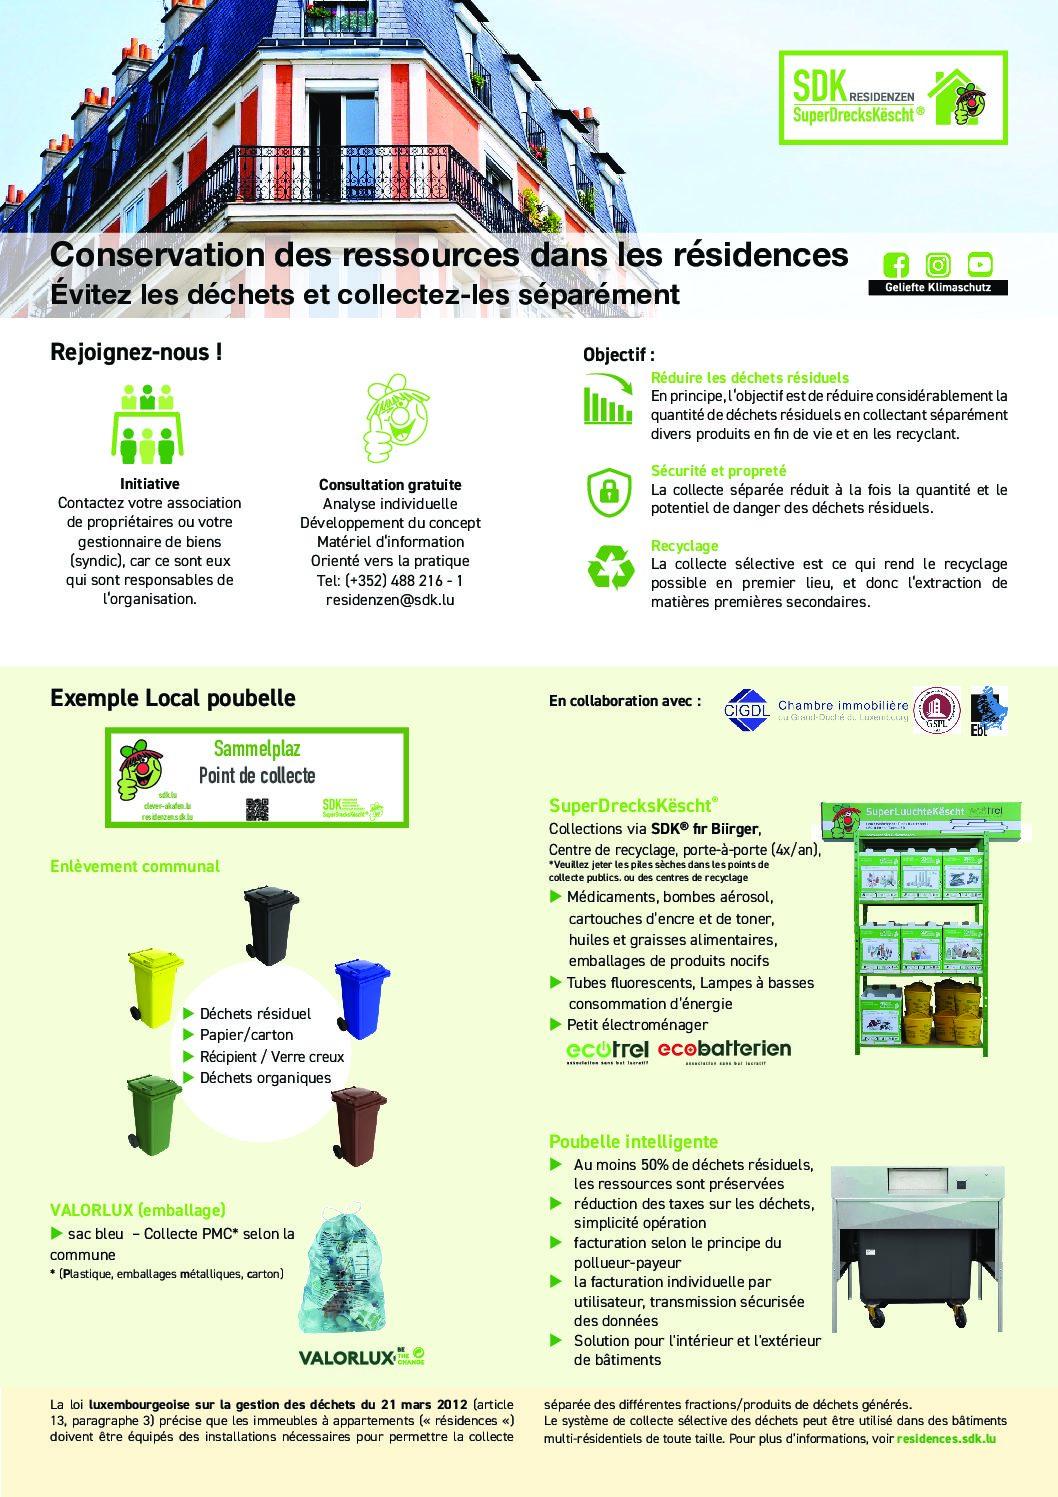 Flyer Conservation des ressources dans les résidences